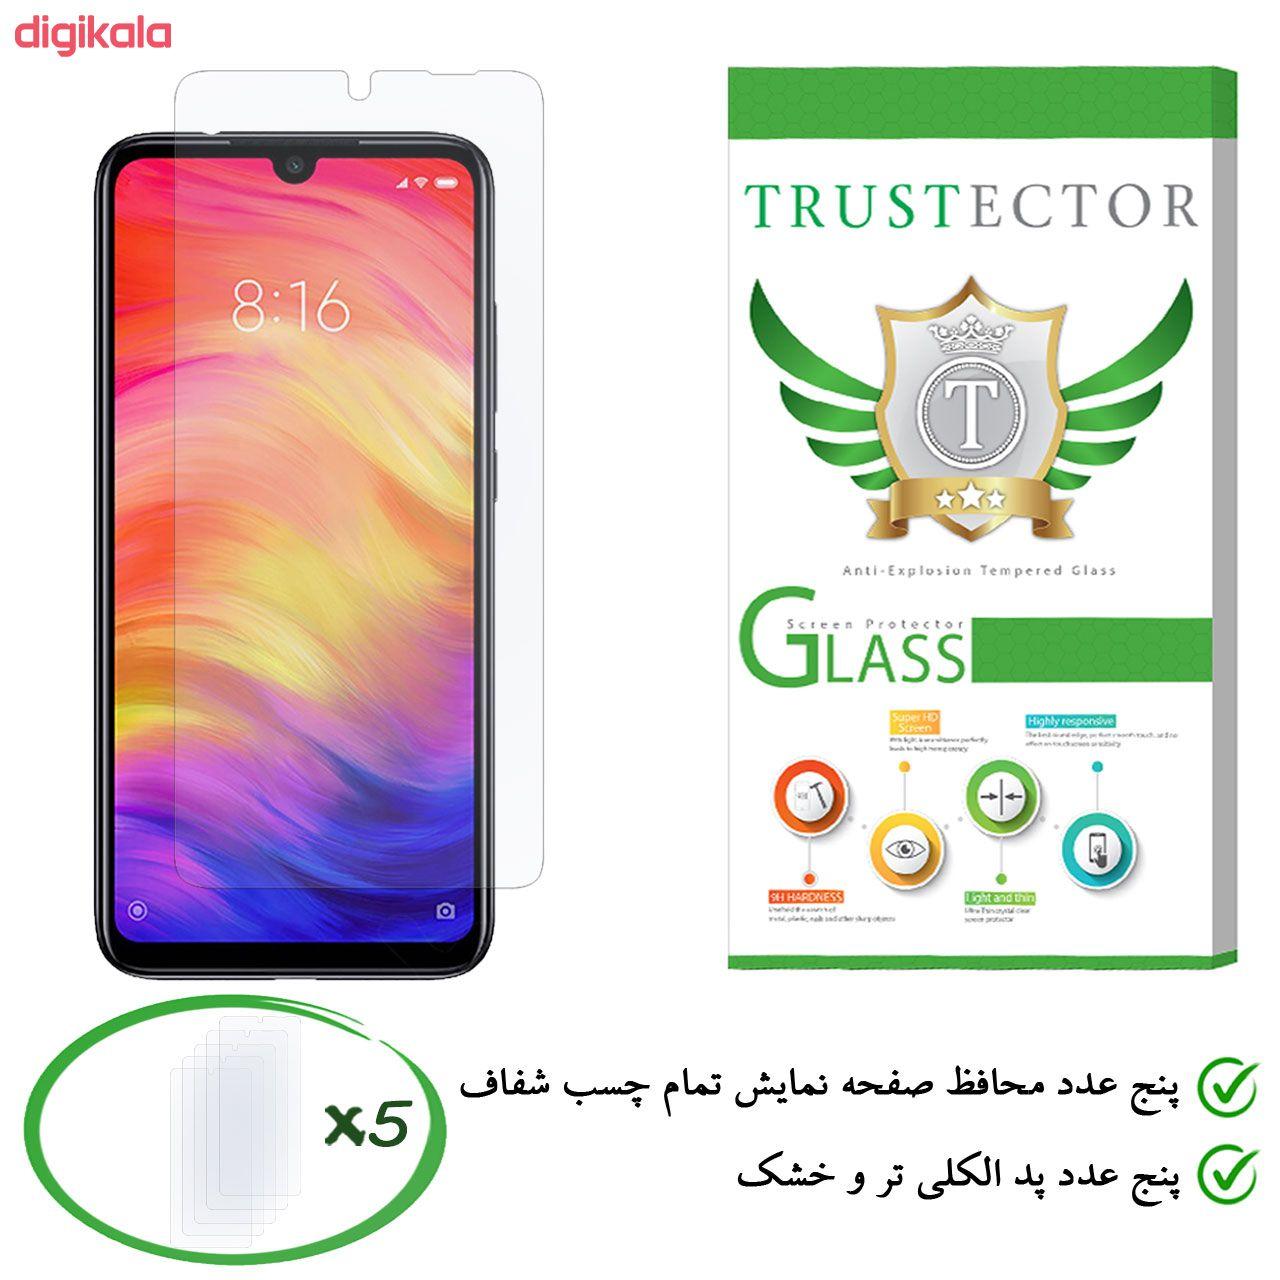 محافظ صفحه نمایش تراستکتور مدل GLS مناسب برای گوشی موبایل شیائومی Redmi Note 7 بسته 5 عددی main 1 8